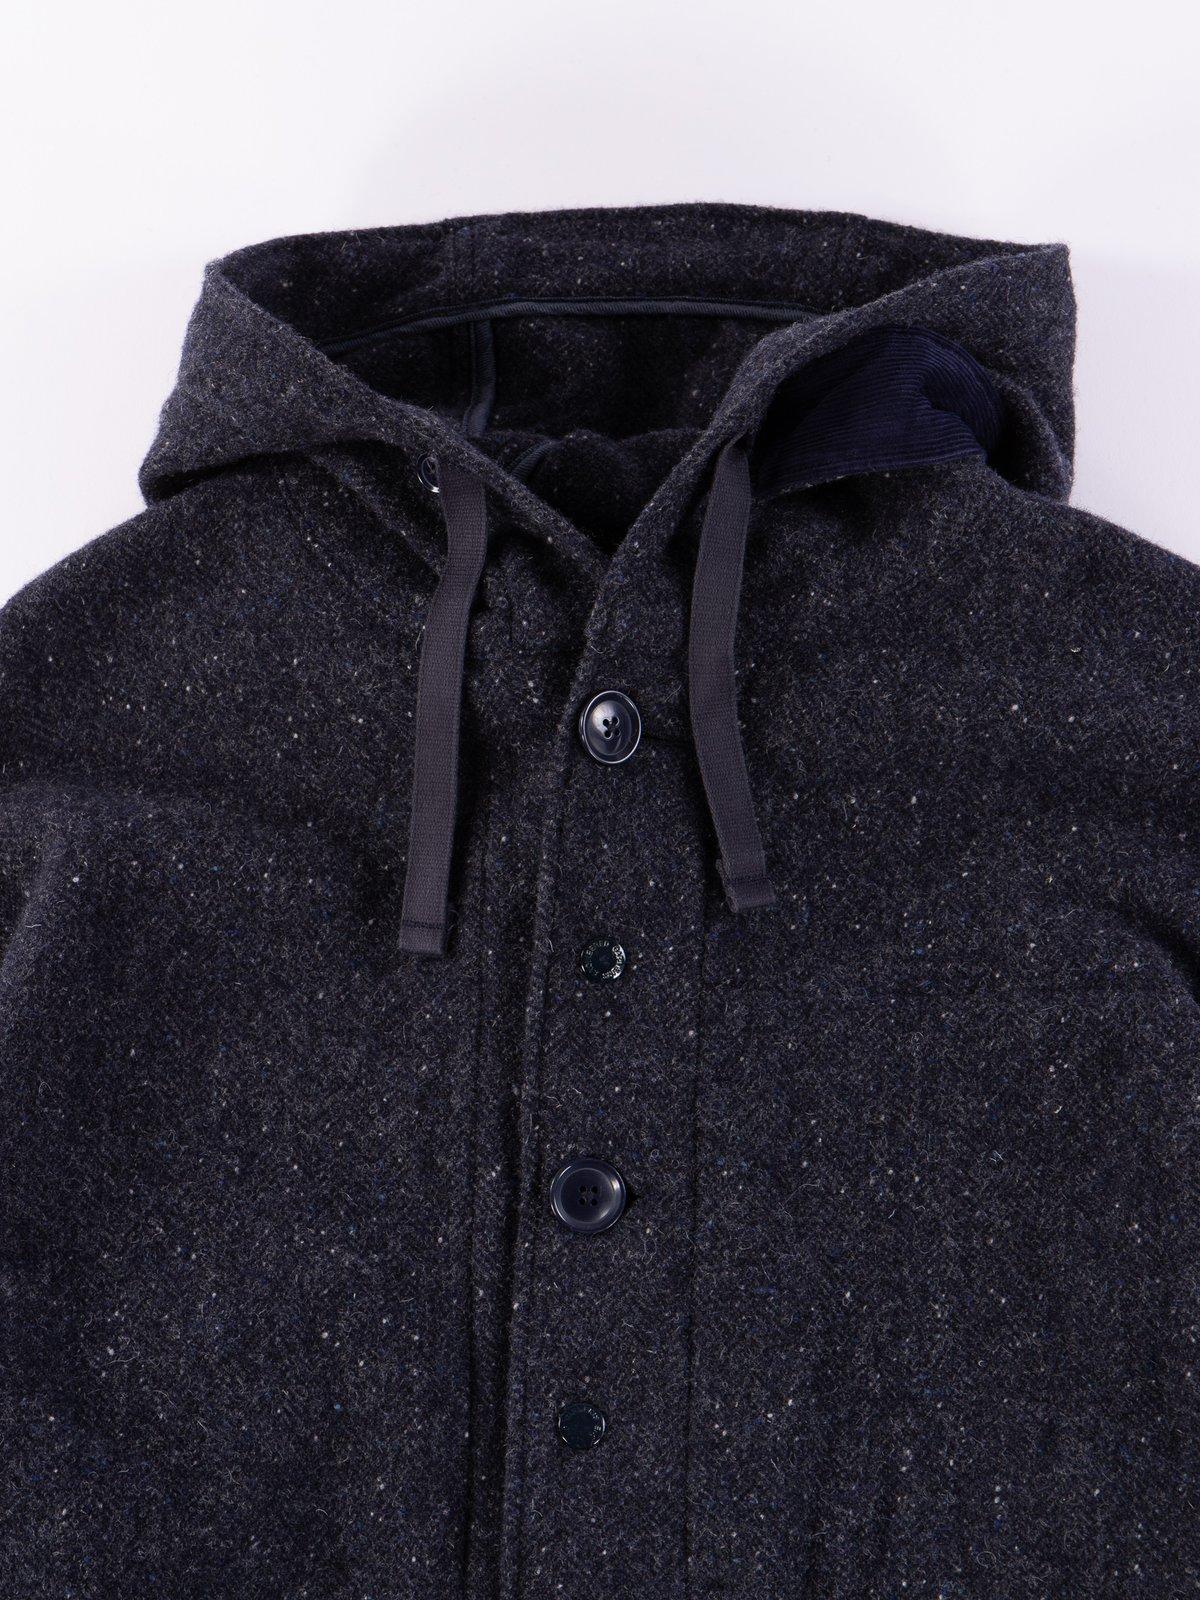 Navy Herringbone Donegal Wool Tweed Madison Parka - Image 4